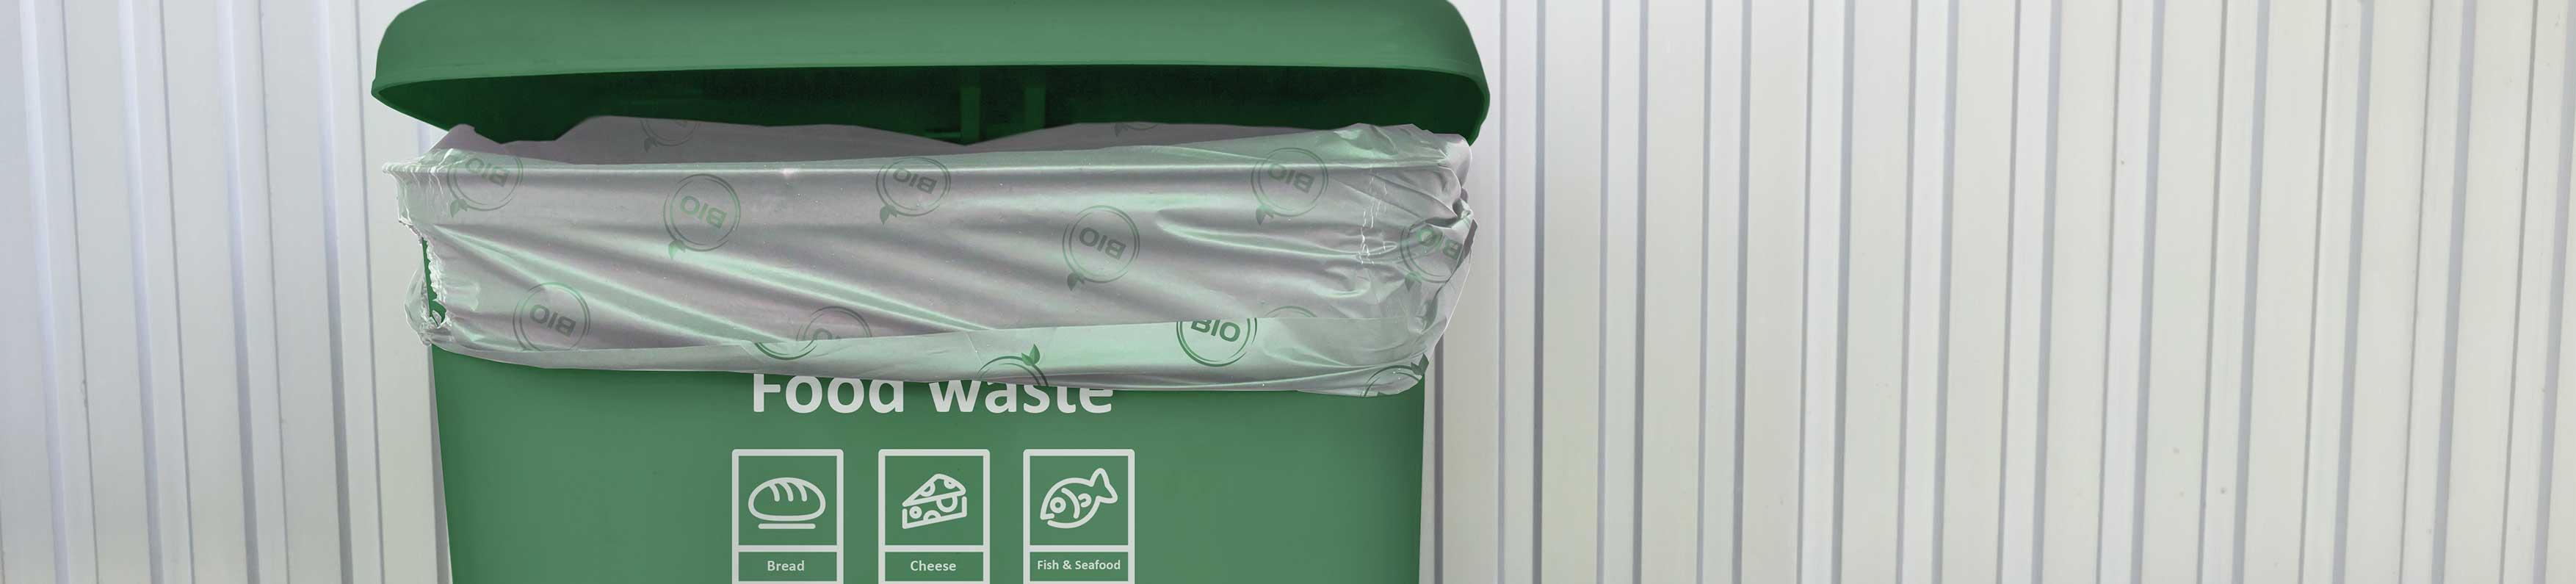 Bolsas basura orgánica biodegradables